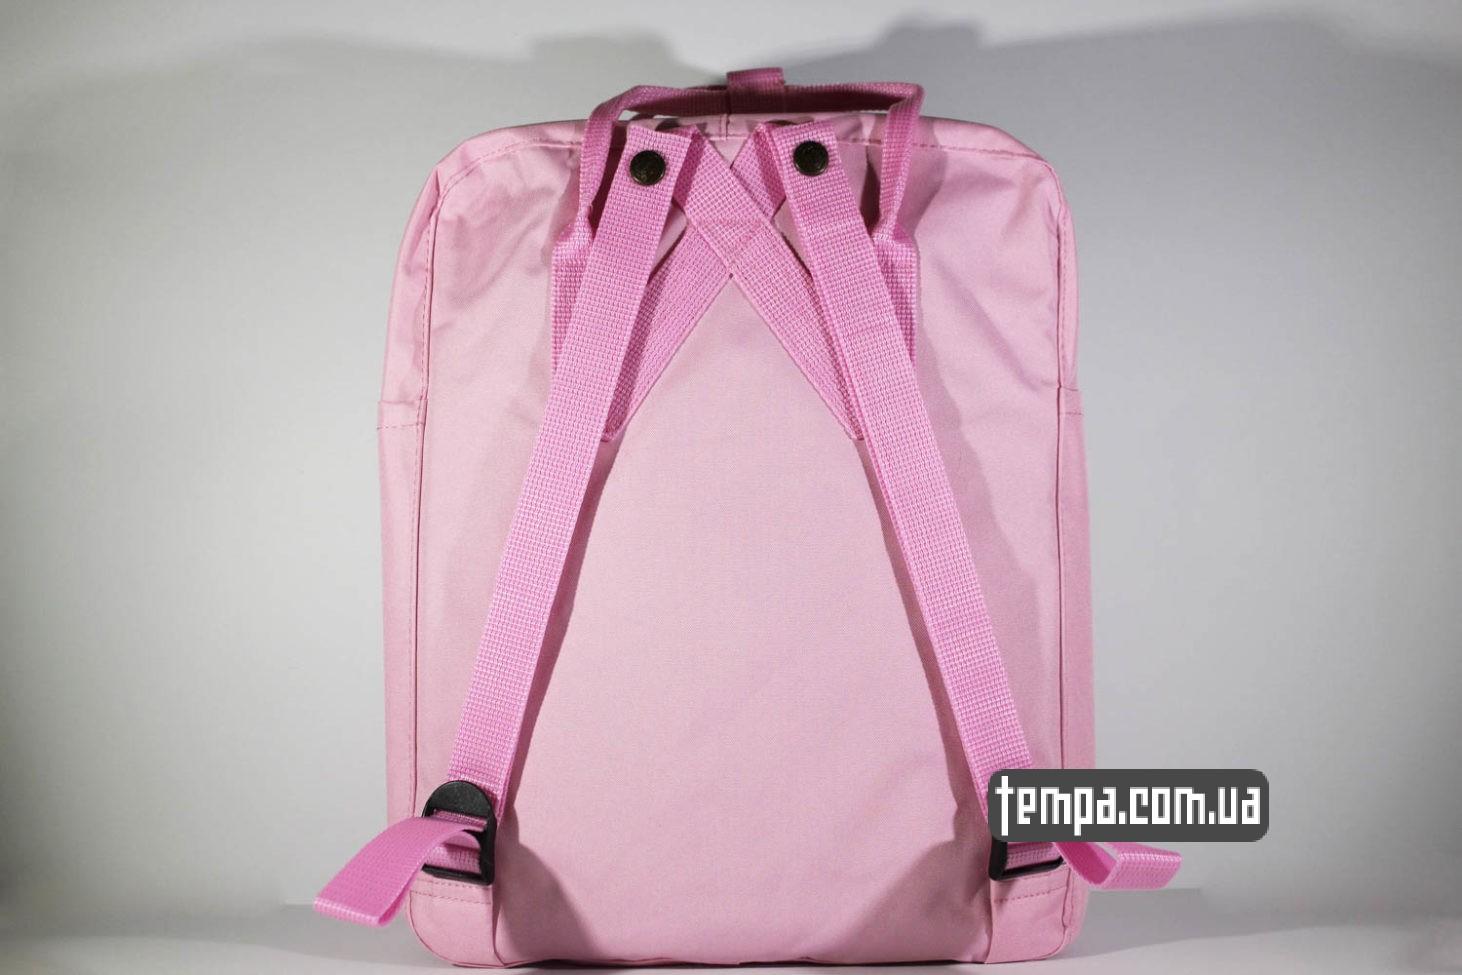 девечий школьный портфель рюкзак Kånken — Fjällräven розовый яркий купить Украина